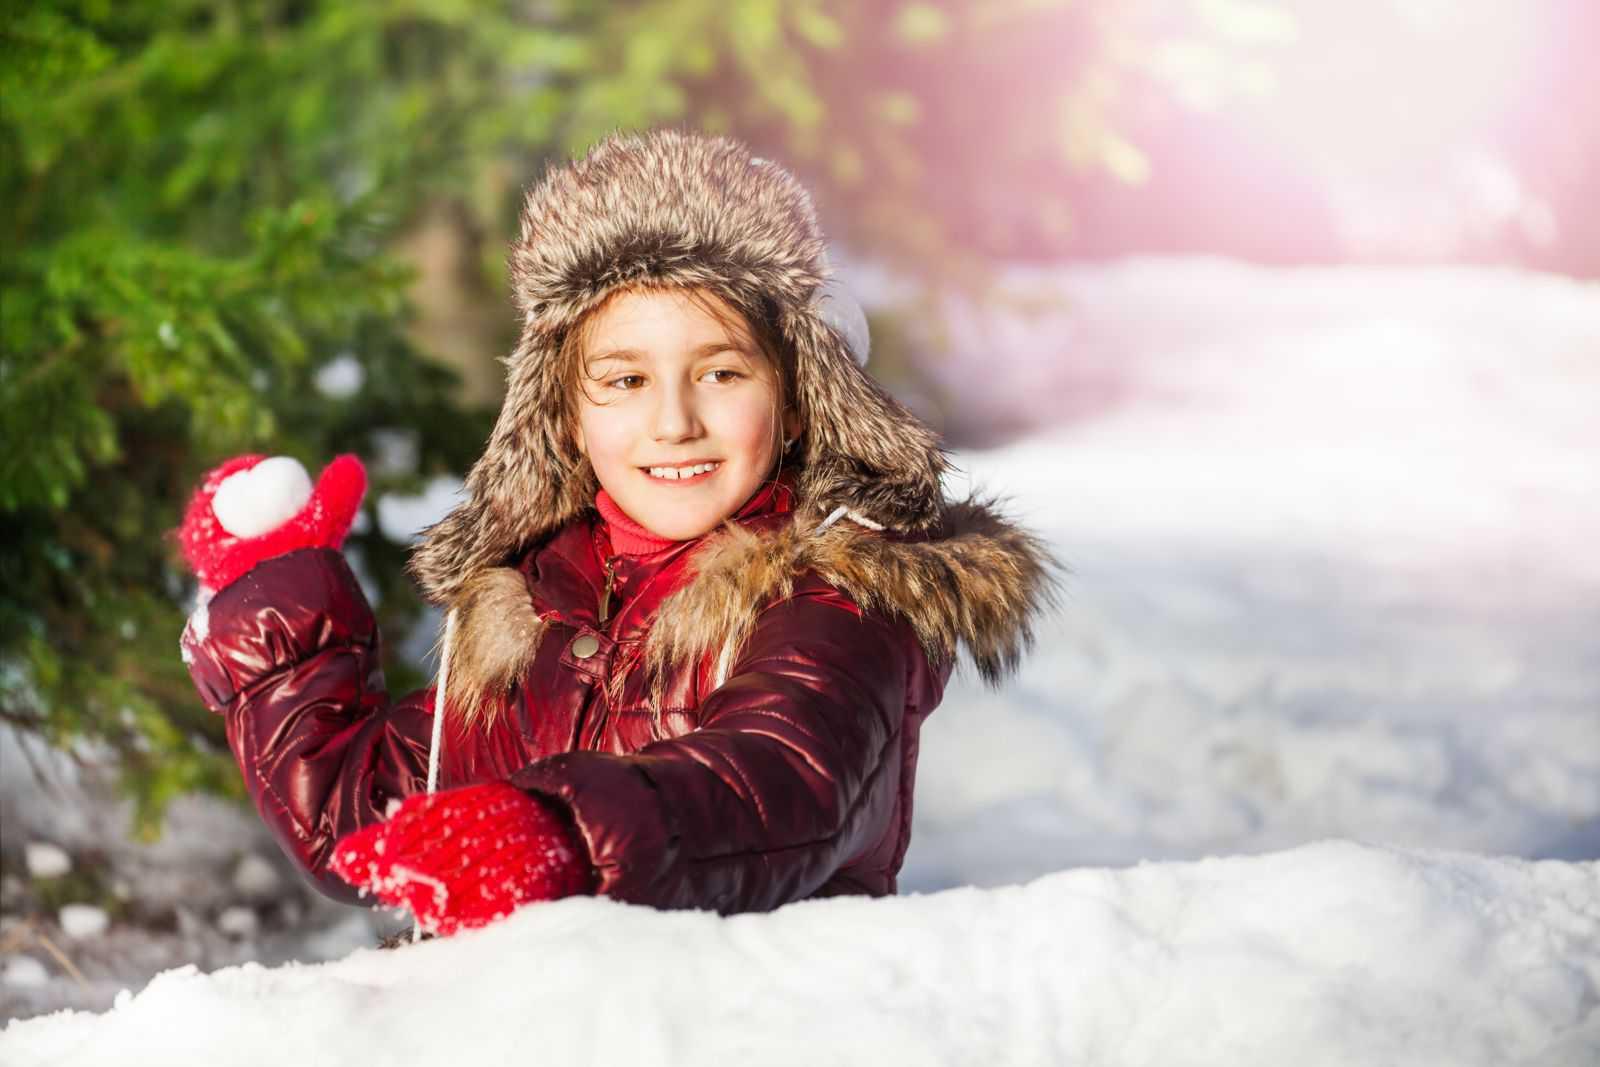 Девочки голые играют в снегу фото 789-689